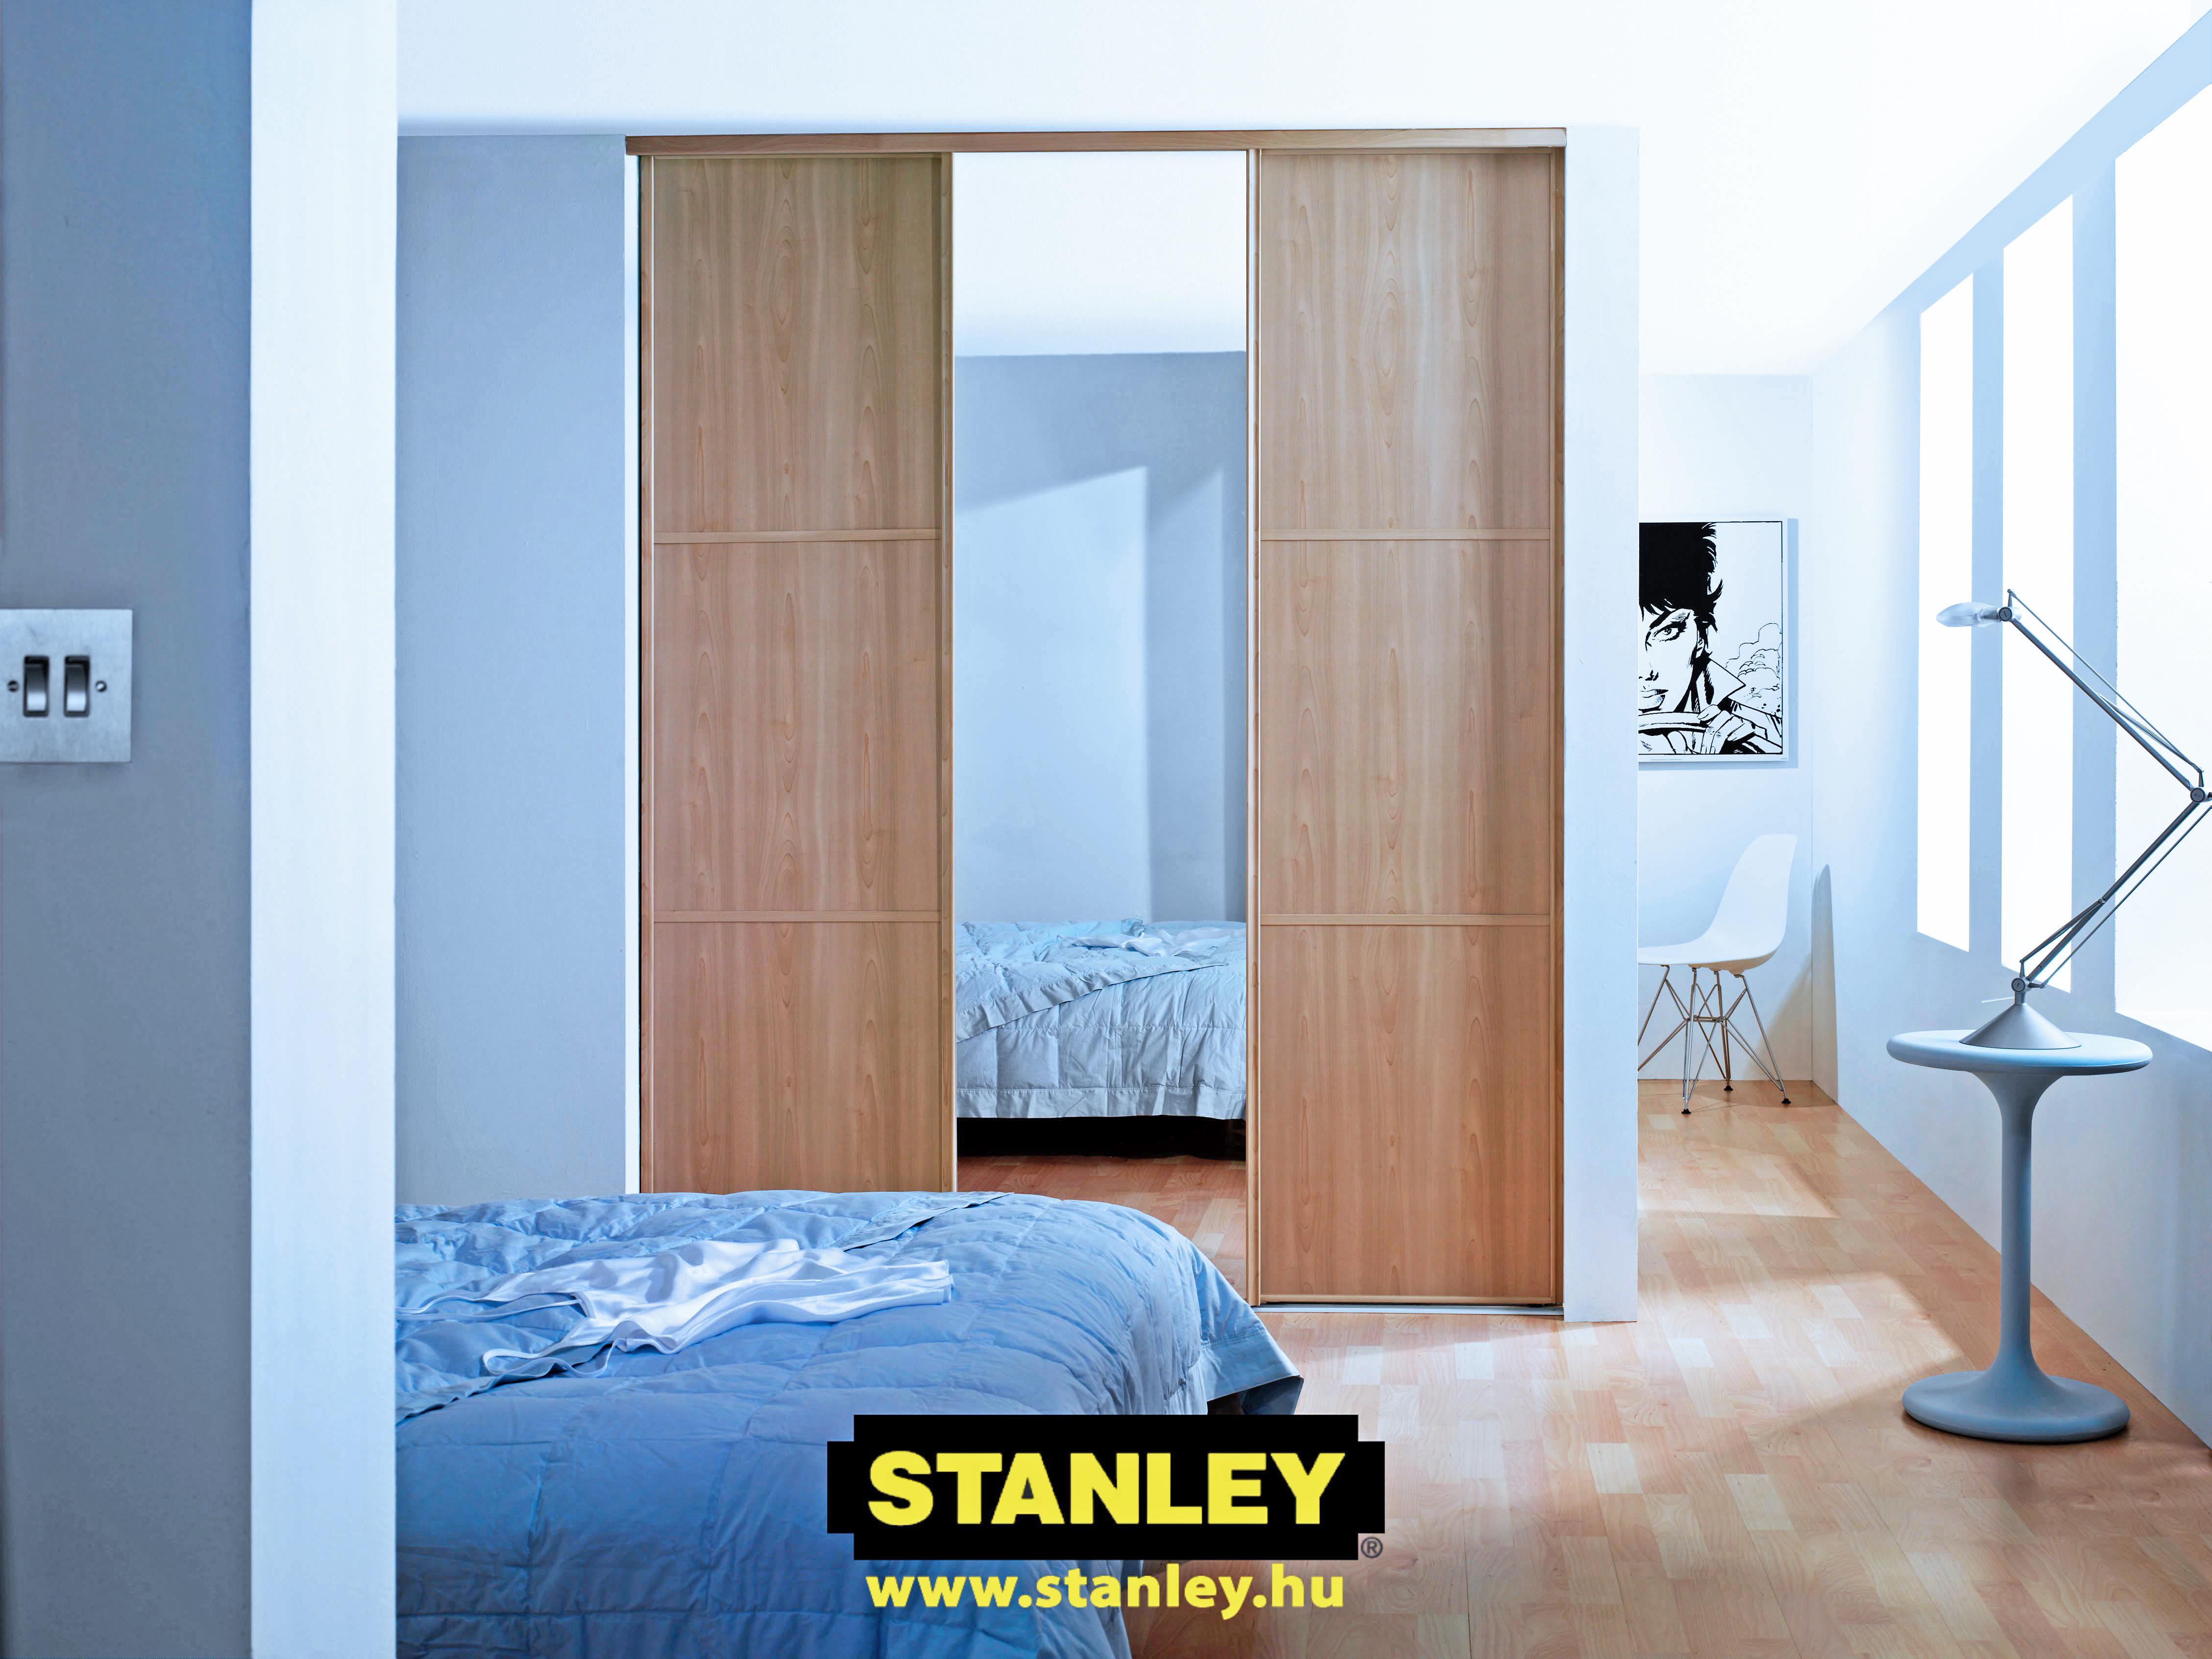 Beépített szekrény bútorlapos és tükrös Stanley tolóajtóval